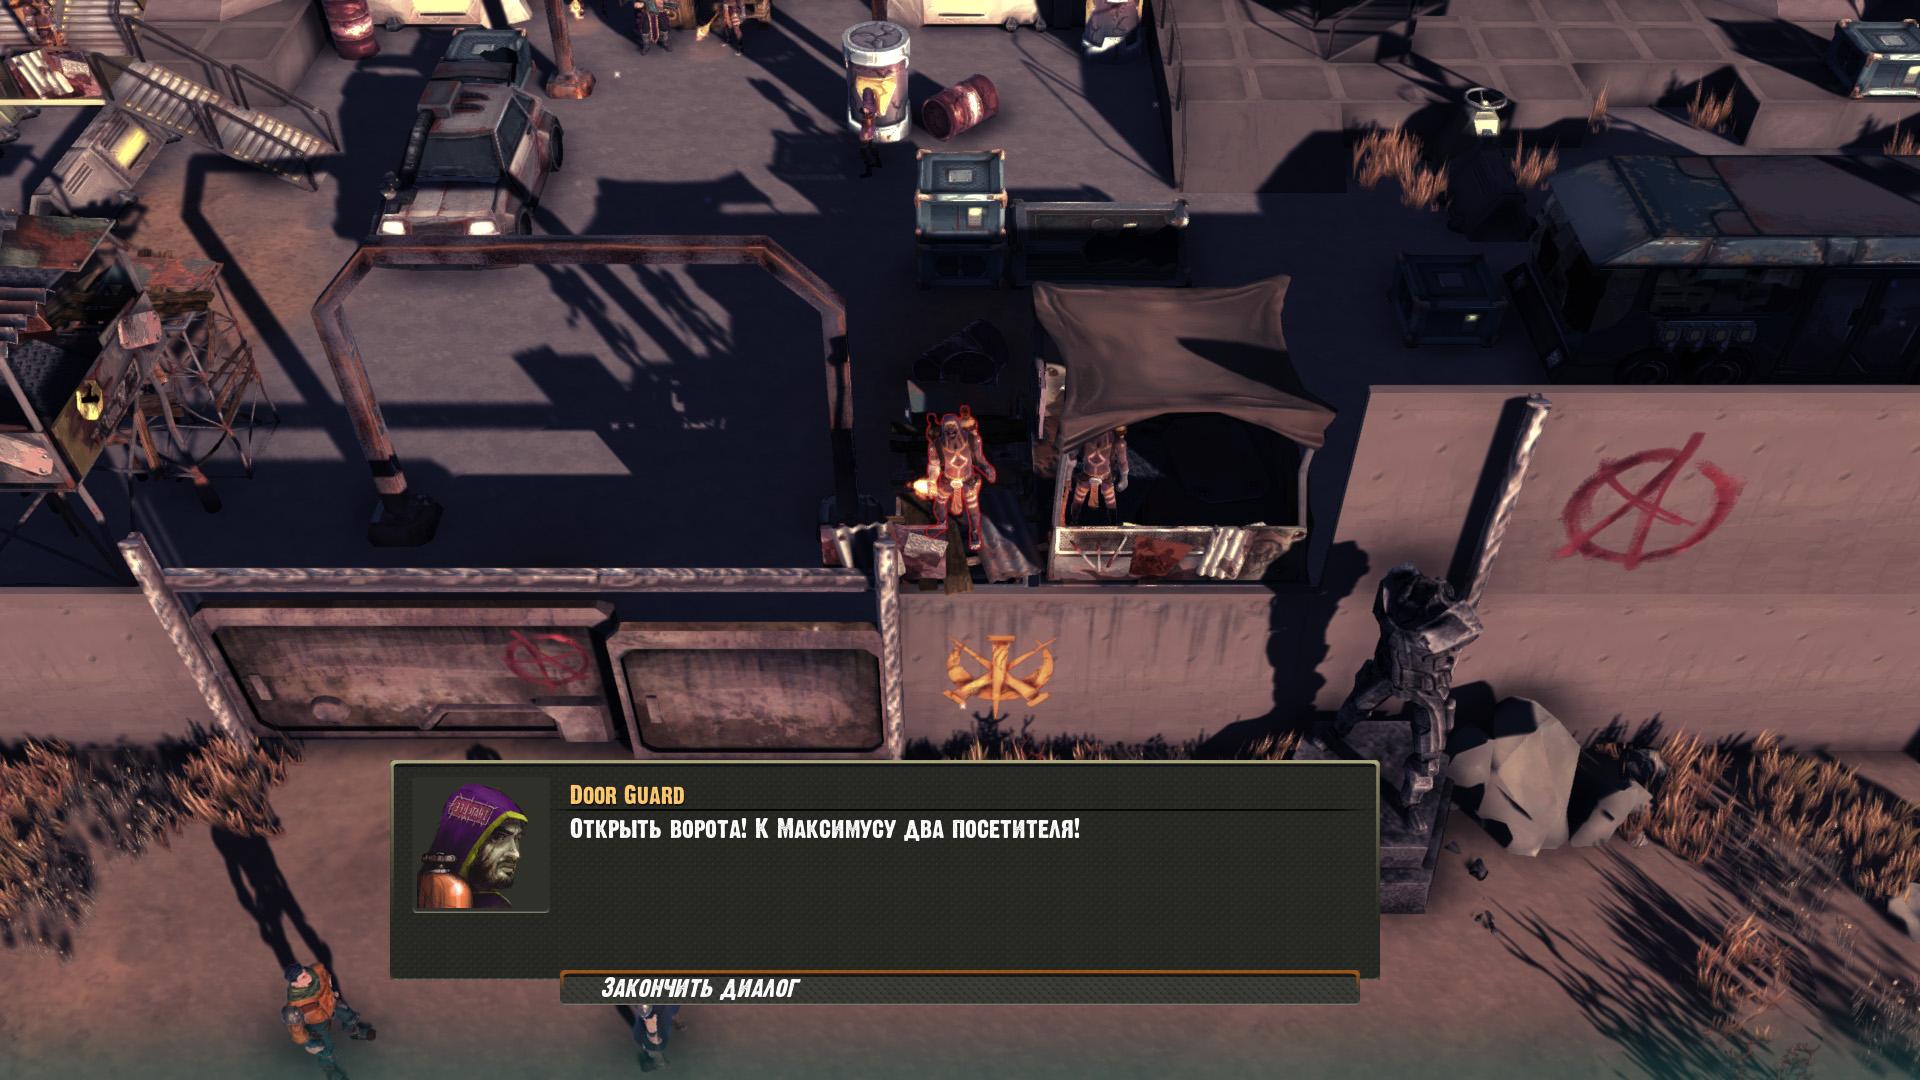 Скриншот Fallen: A2P Protocol скачать торрентом